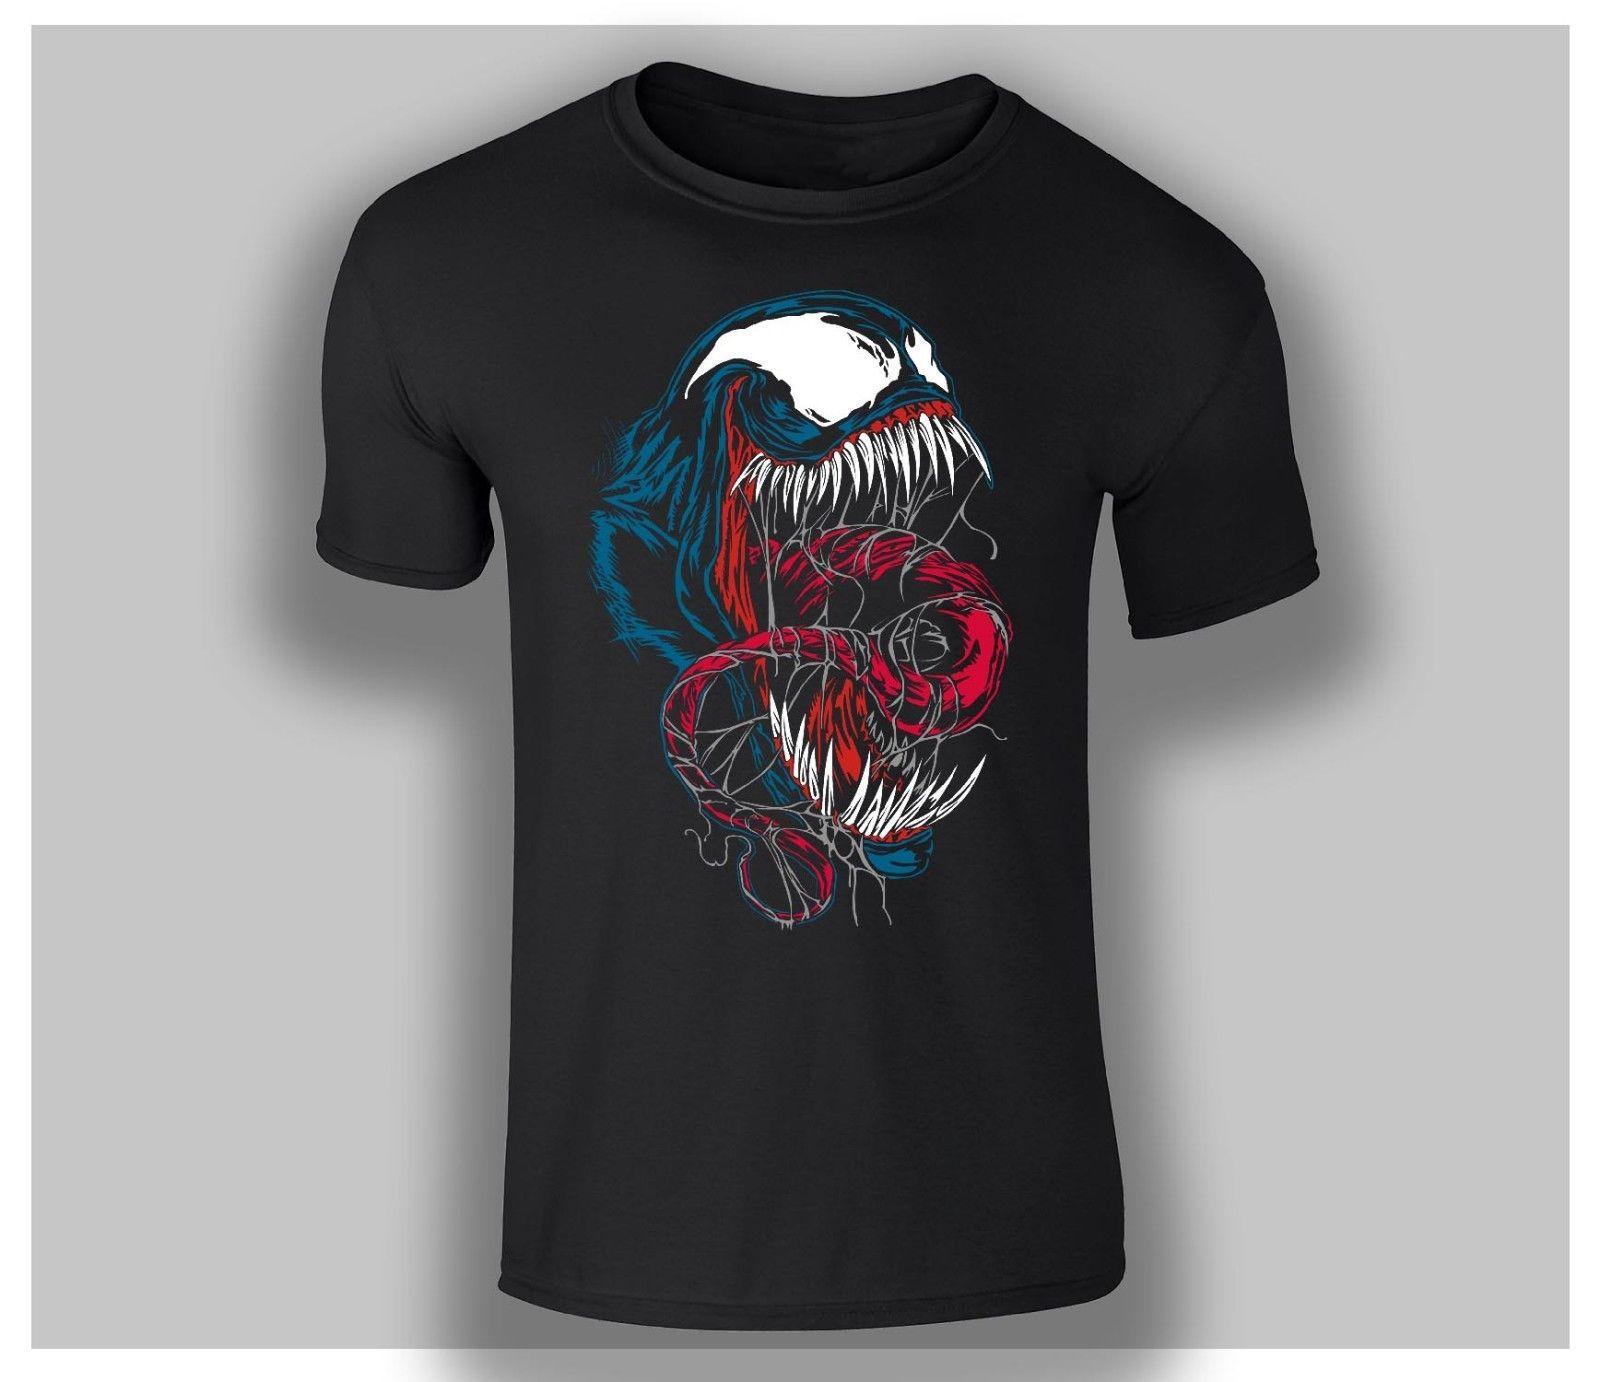 Compre Marvel Venom Movie 2018 Tom Hardy T Shirt Camiseta Top Todos Los  Tamaños DTG 4 Divertido Envío Gratis Unisex Camiseta Casual Top A  10.28  Del ... f8209011acfc1